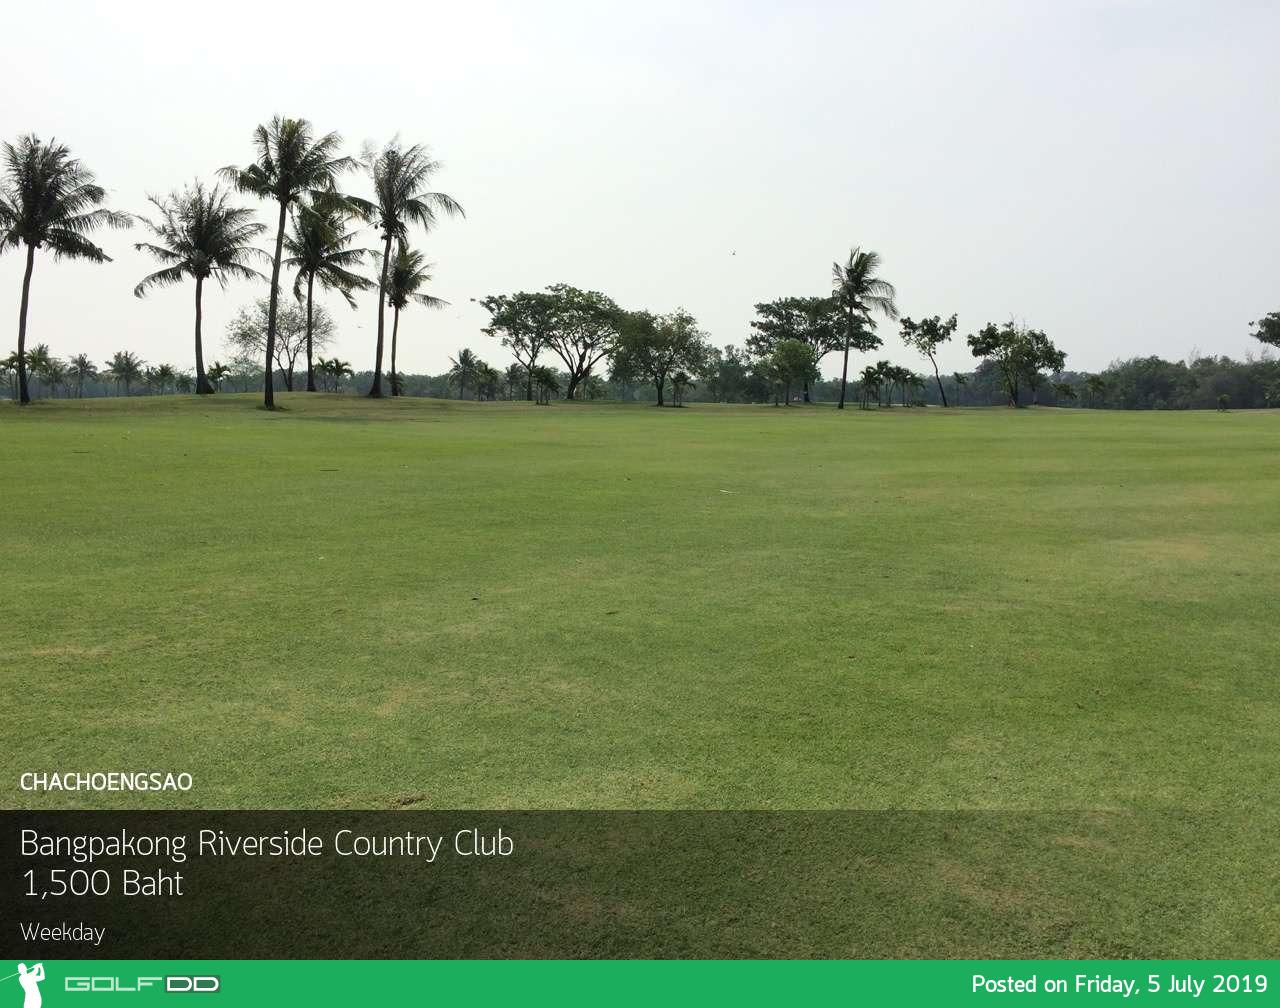 บางปะกงน้ำคงขึ้นๆ ลงๆ วัดฝีมือออกรอบกันได้ที่ Bangpakong Riverside Country Club พร้อม Booking Teetime กับ golfdd จ่ายเงินที่สนามได้เลย